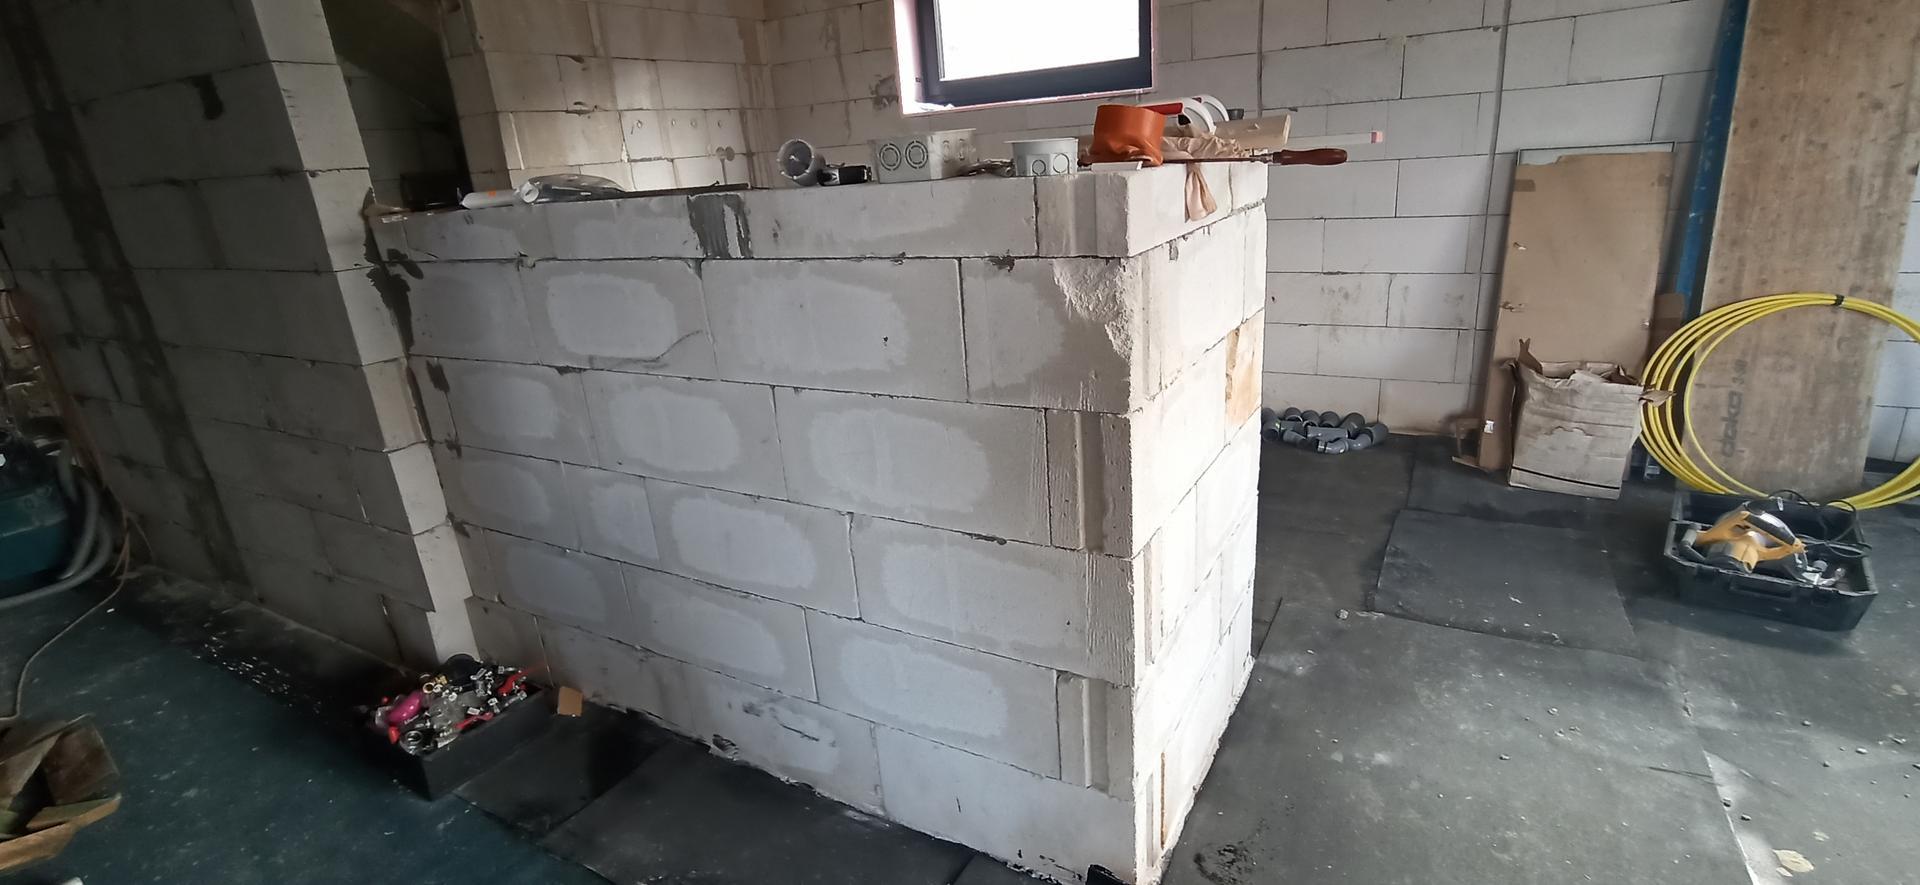 Náš domček ❤️🏡 - Vymurovaný kuchynský pultik rohový.